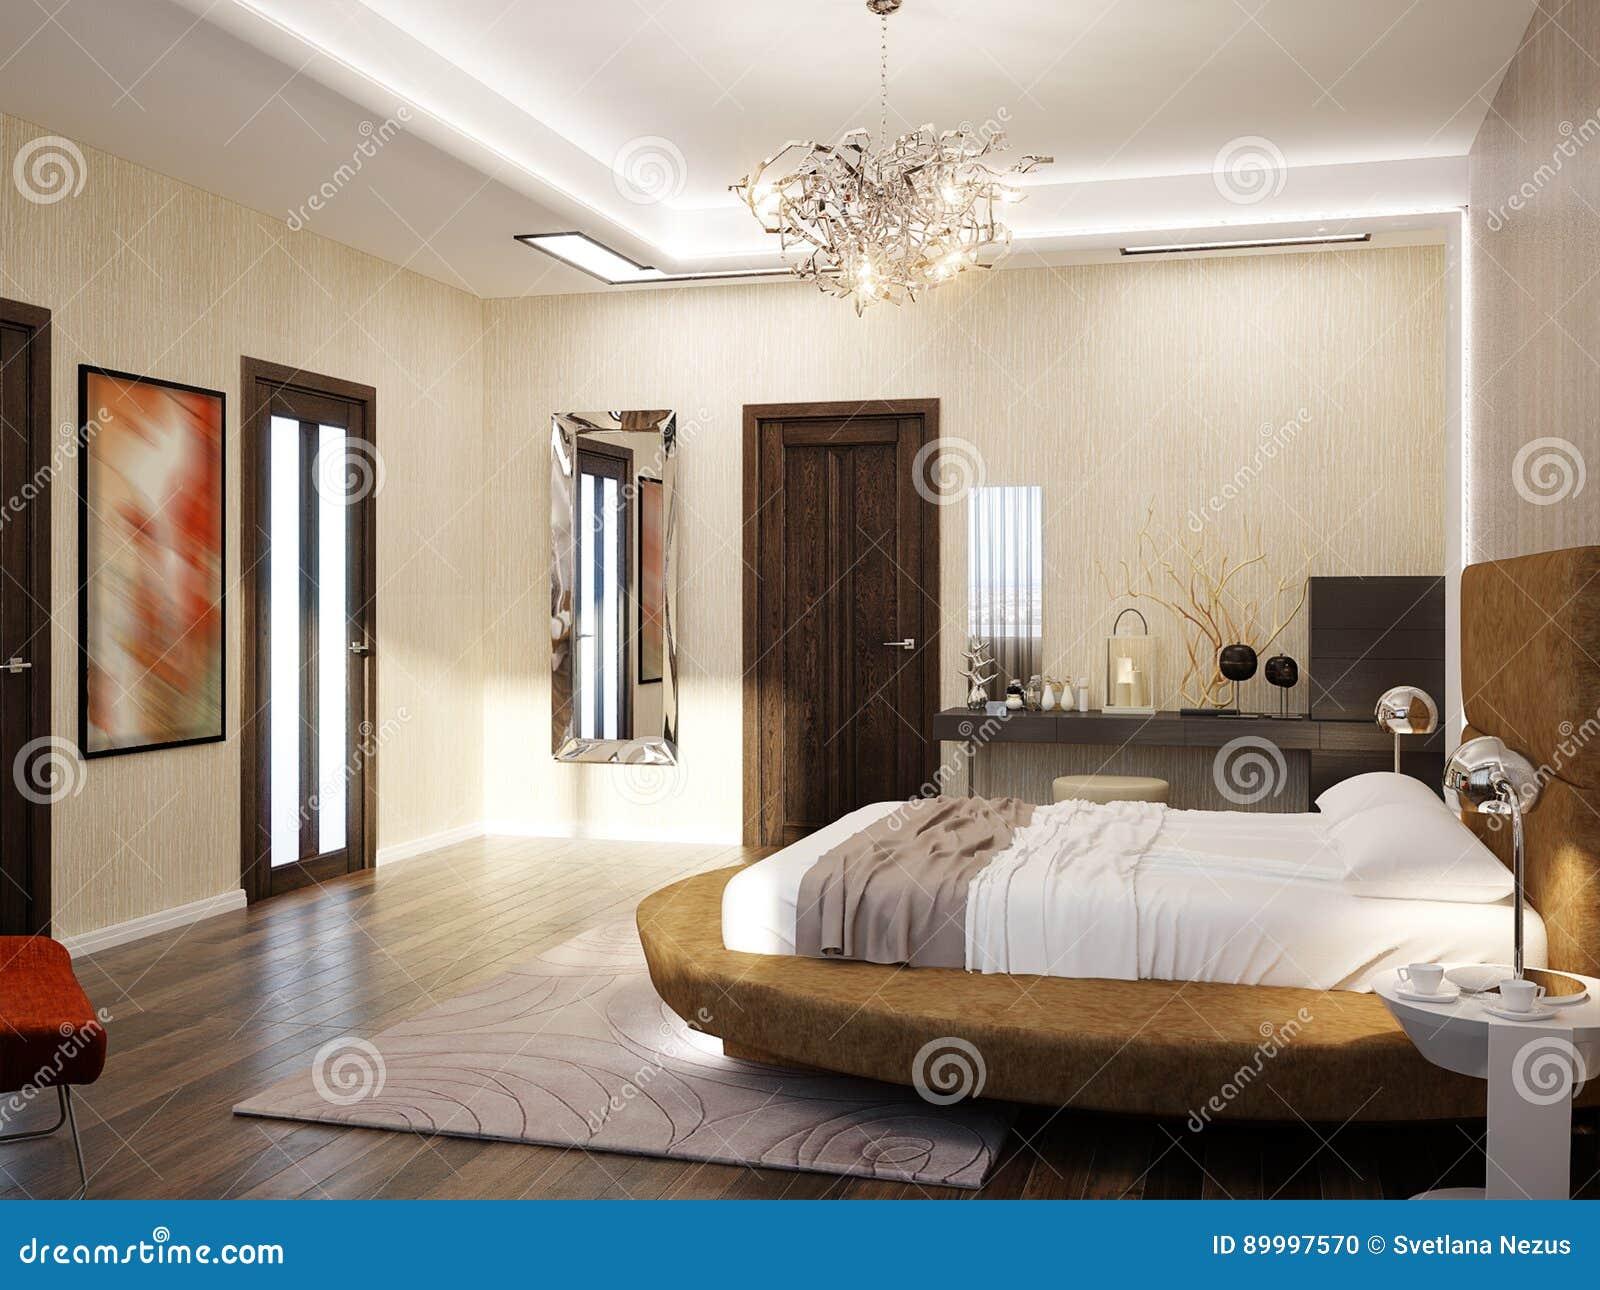 Camere Da Letto Rotondo.Interior Design Moderno Della Camera Da Letto Con Il Letto Rotondo